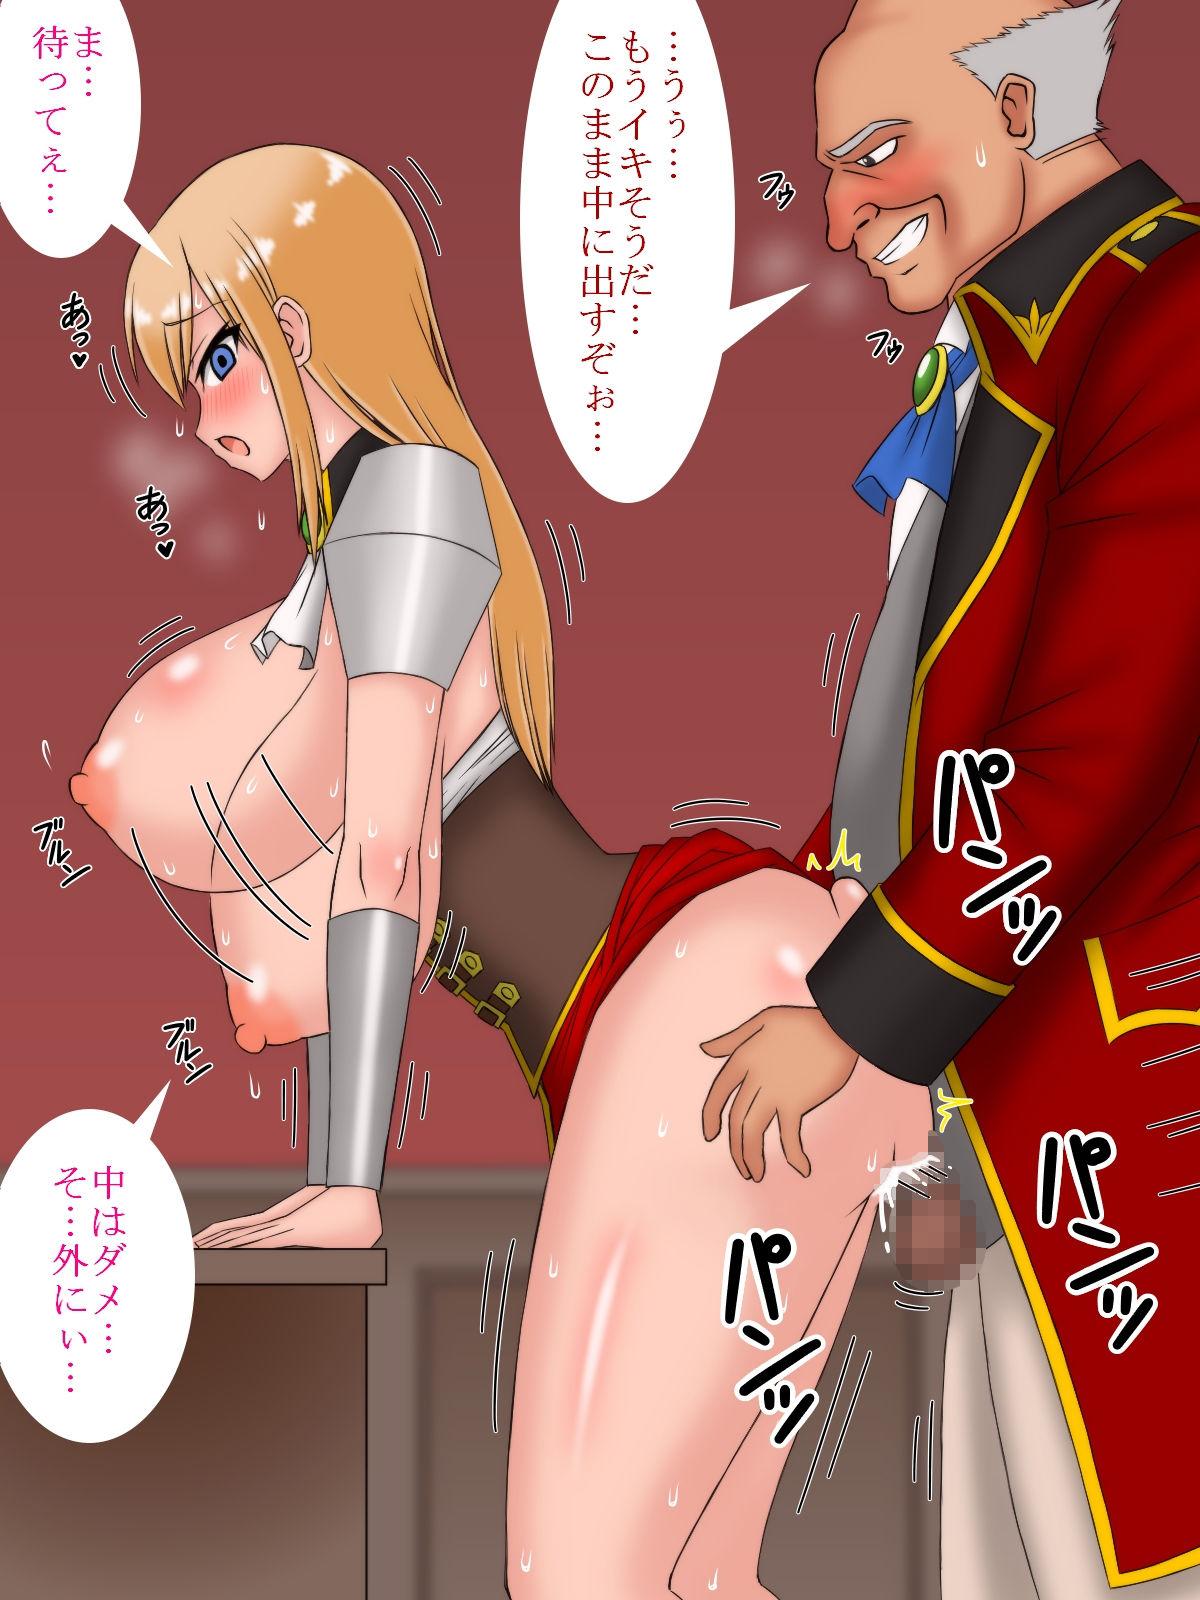 女騎士は苦労が絶えない ~上司にセクハラされ、部下の性欲処理、モンスターには犯●れ孕まされ…~